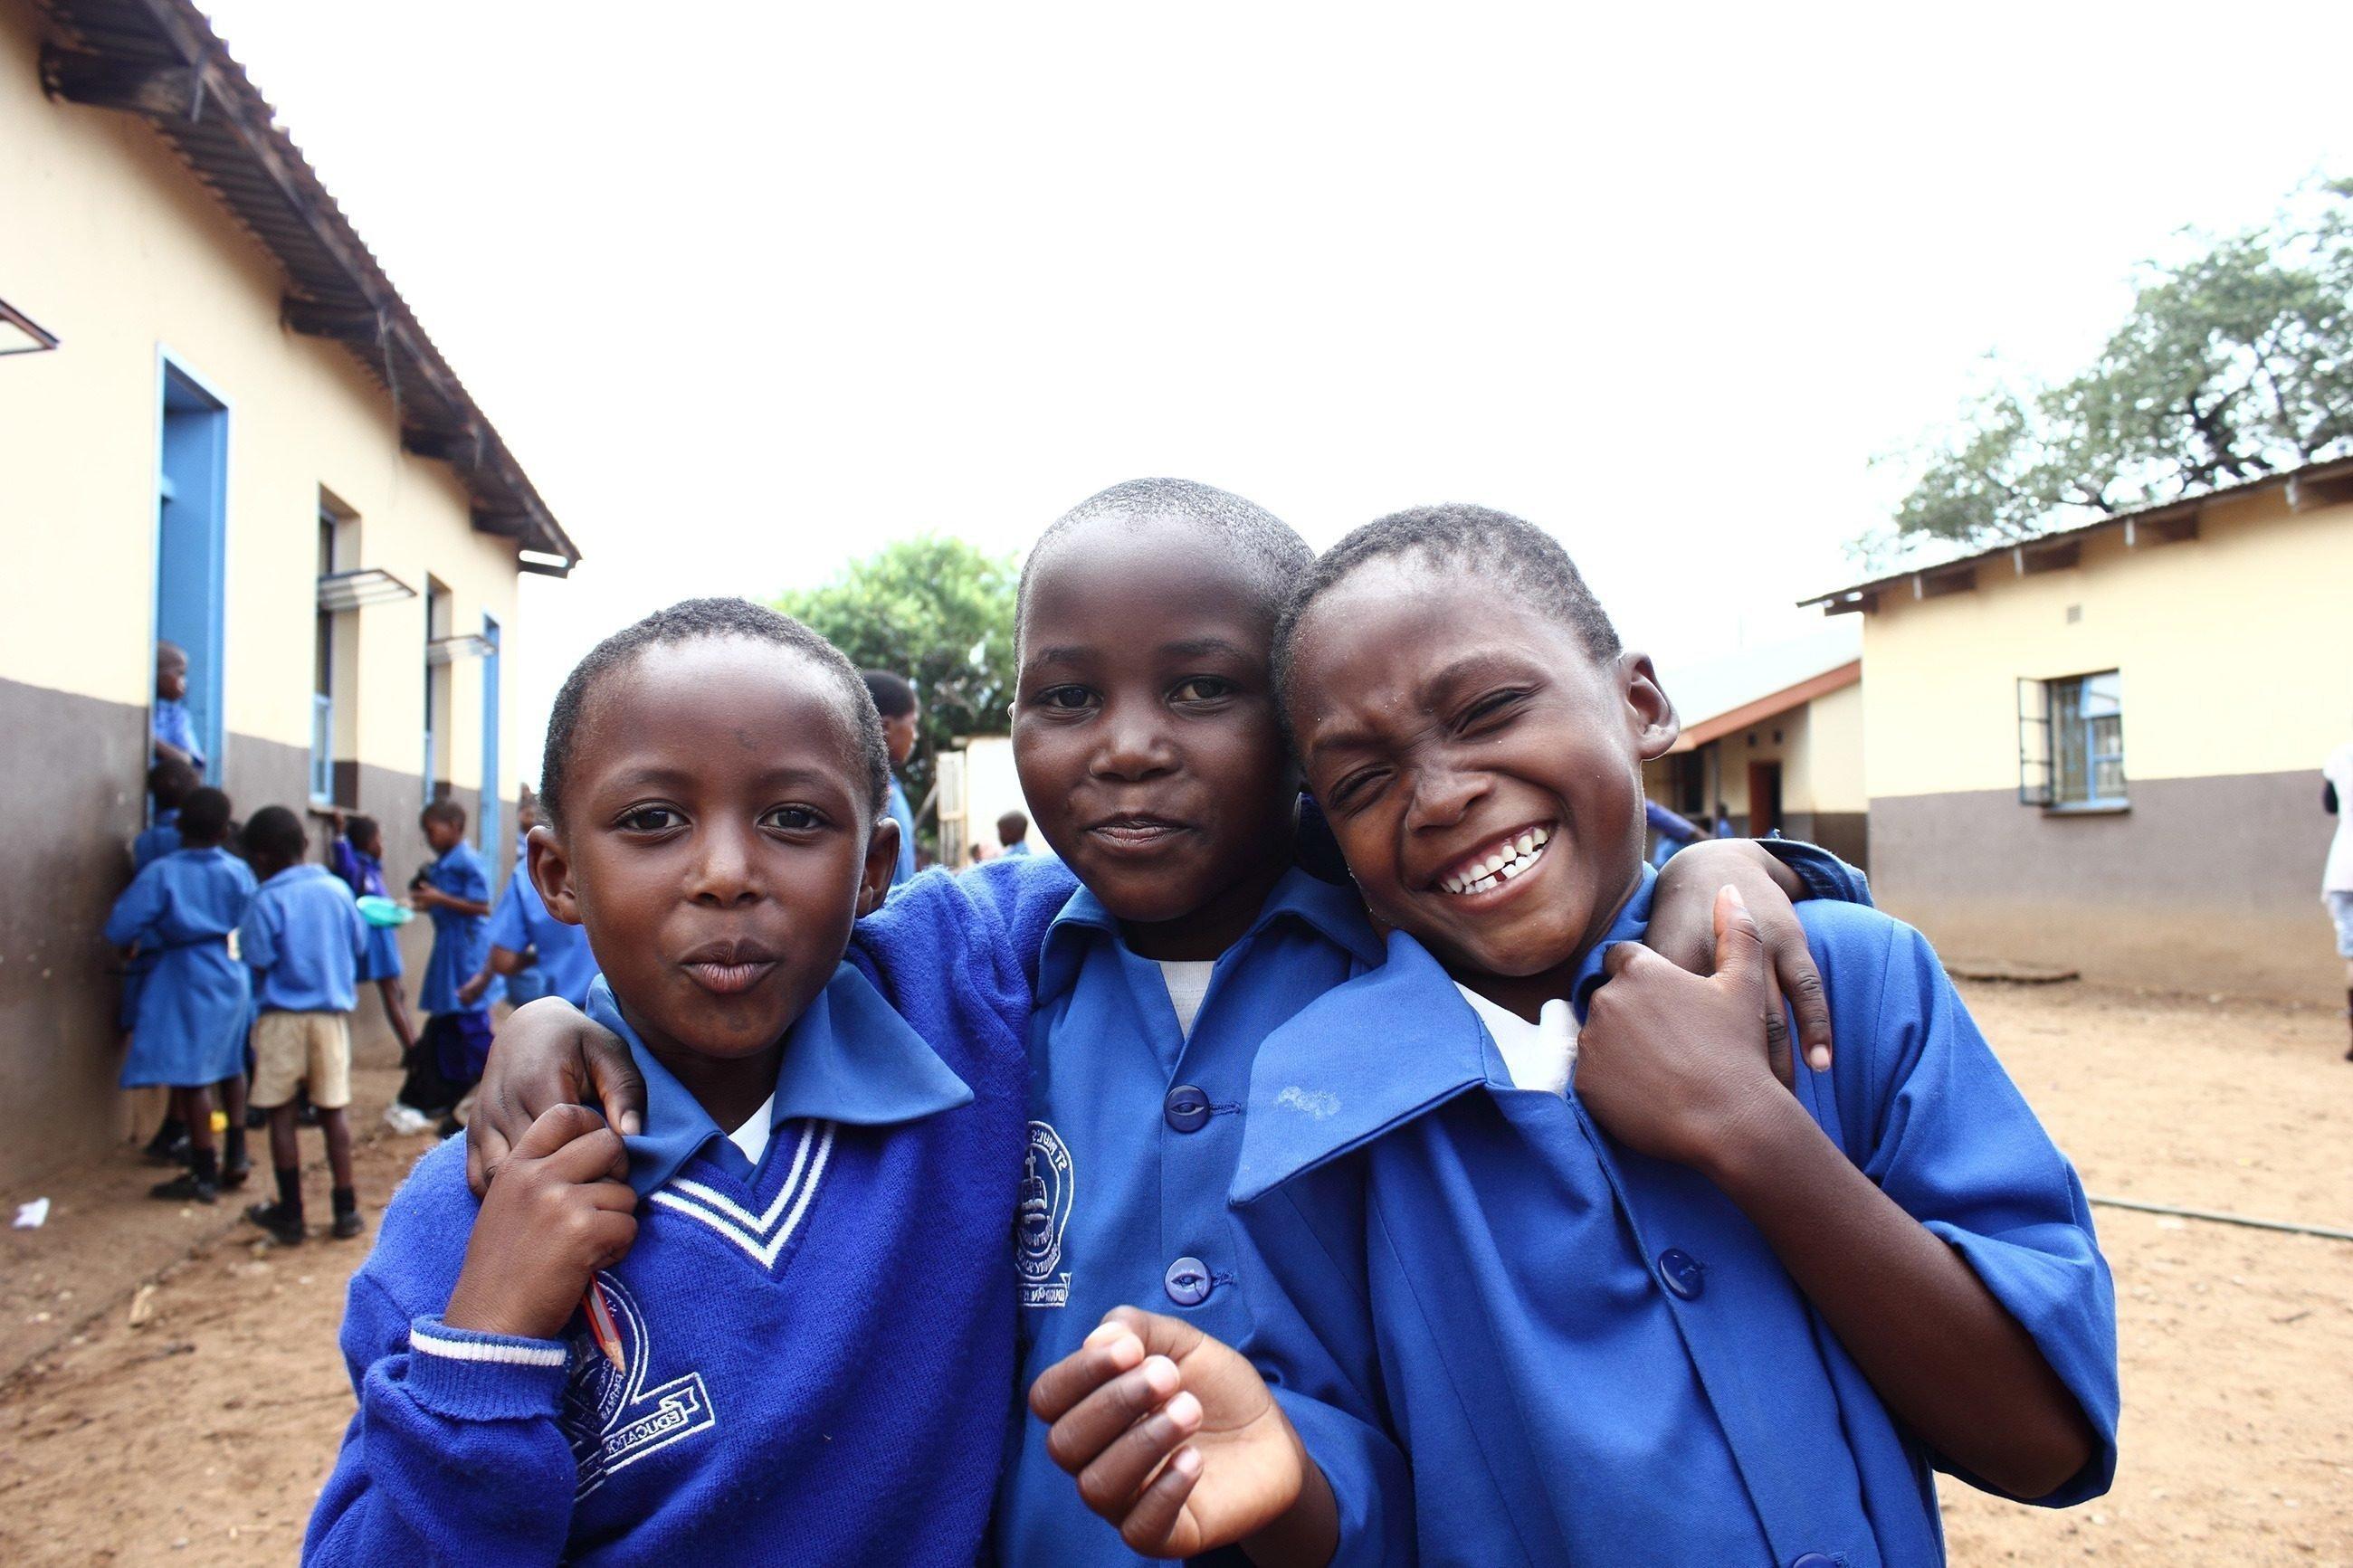 Drei Schuljungen in blauer Uniform umarmen sich.